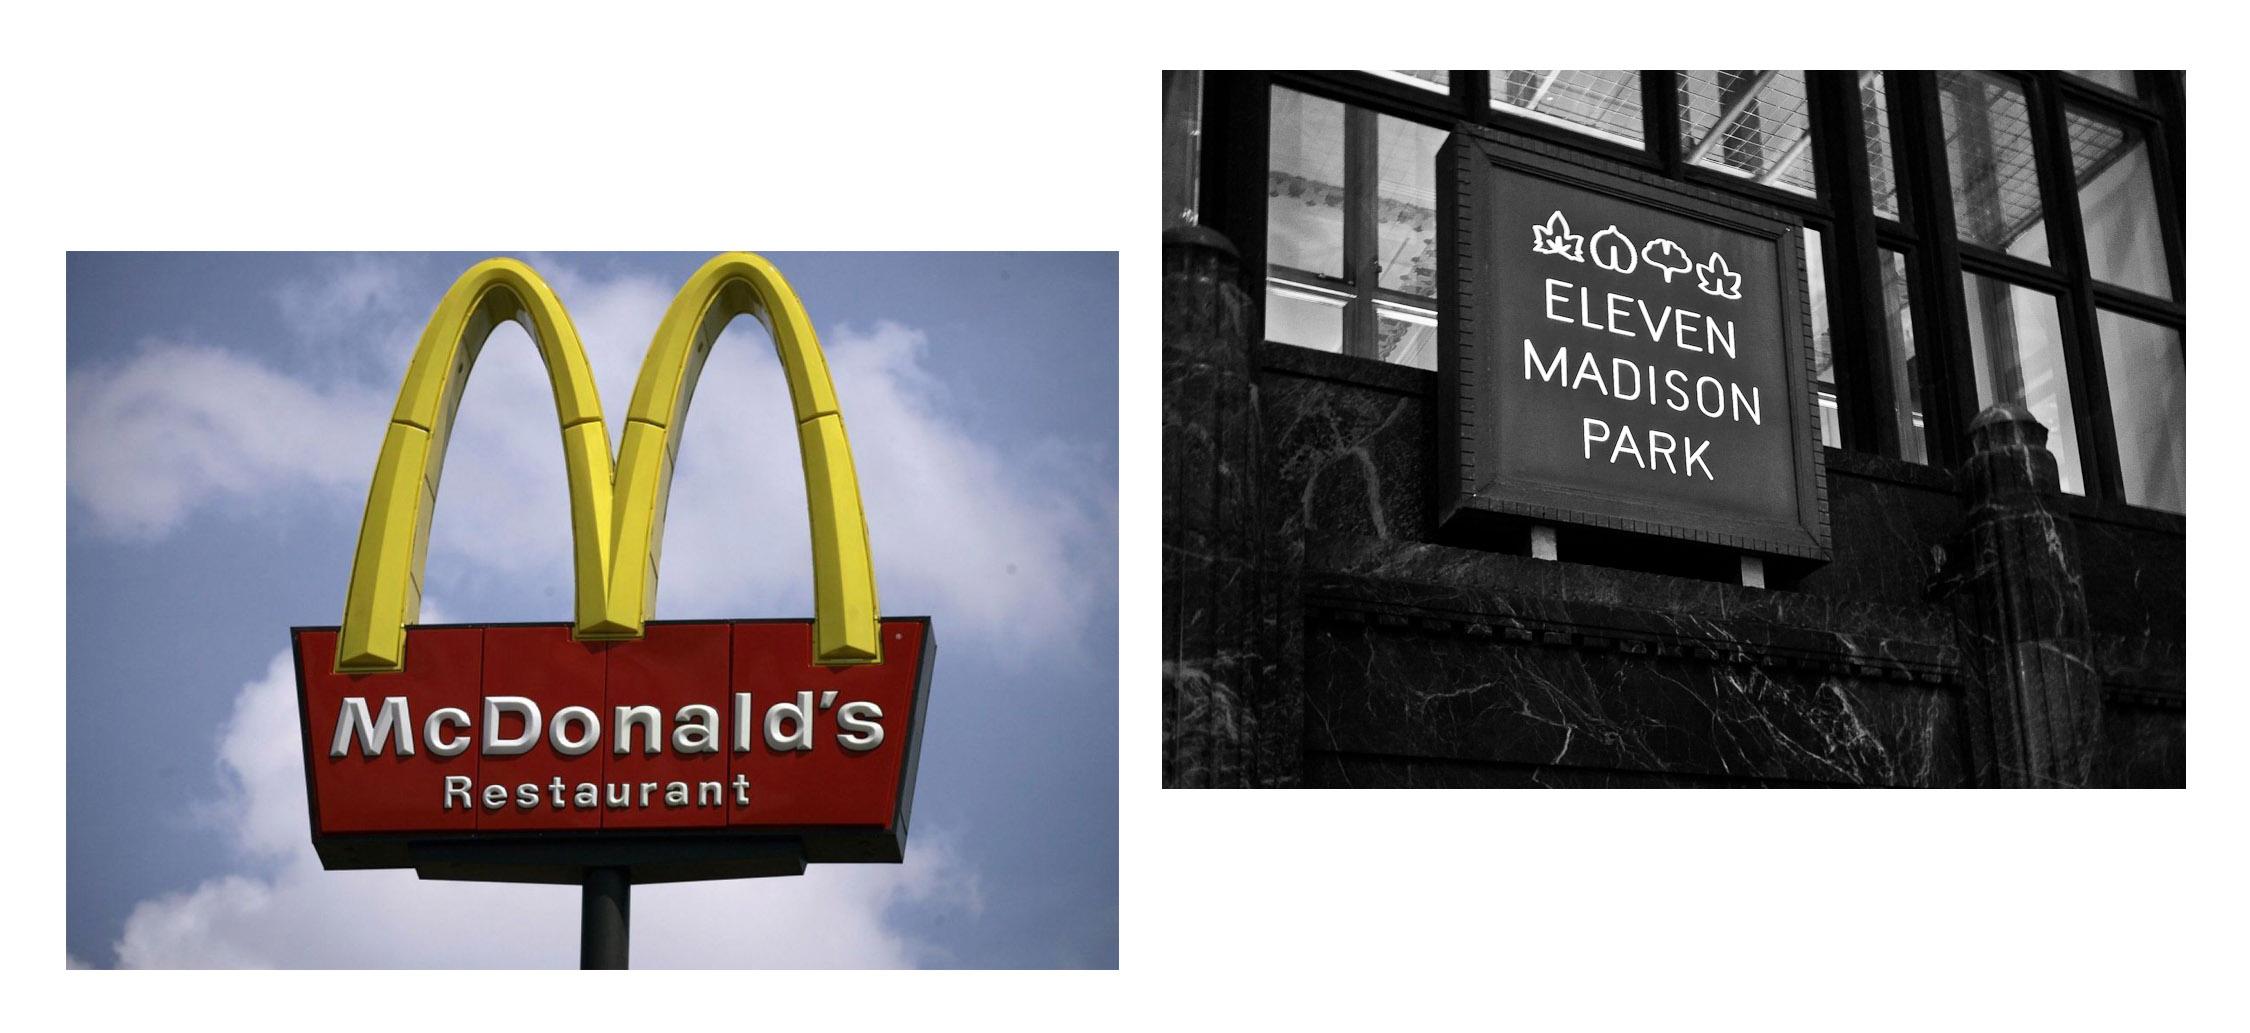 macdonalds eleven madison park branding comparison